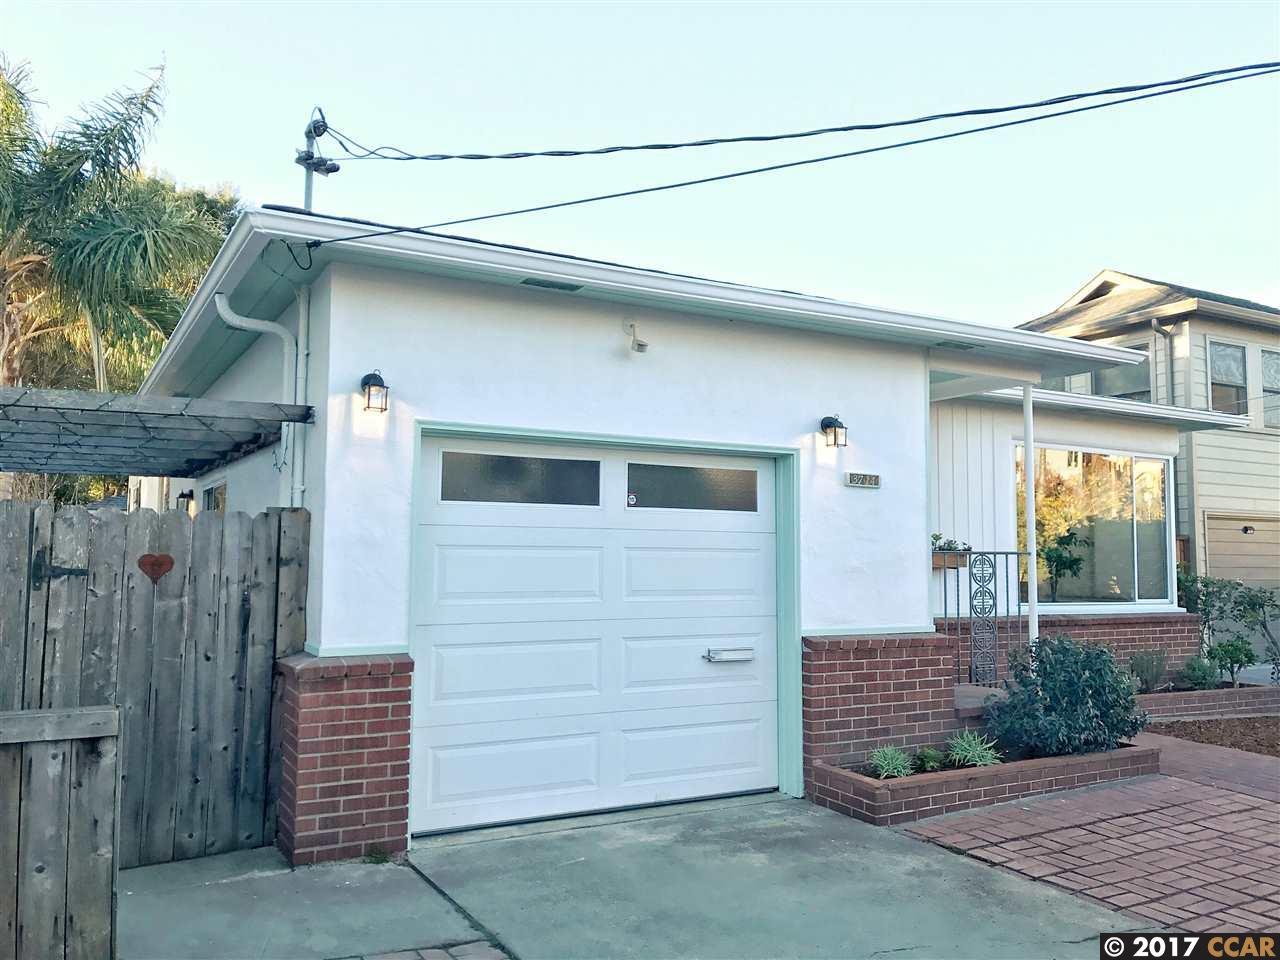 一戸建て のために 売買 アット 3714 Cerrito Avenue 3714 Cerrito Avenue Richmond, カリフォルニア 94805 アメリカ合衆国